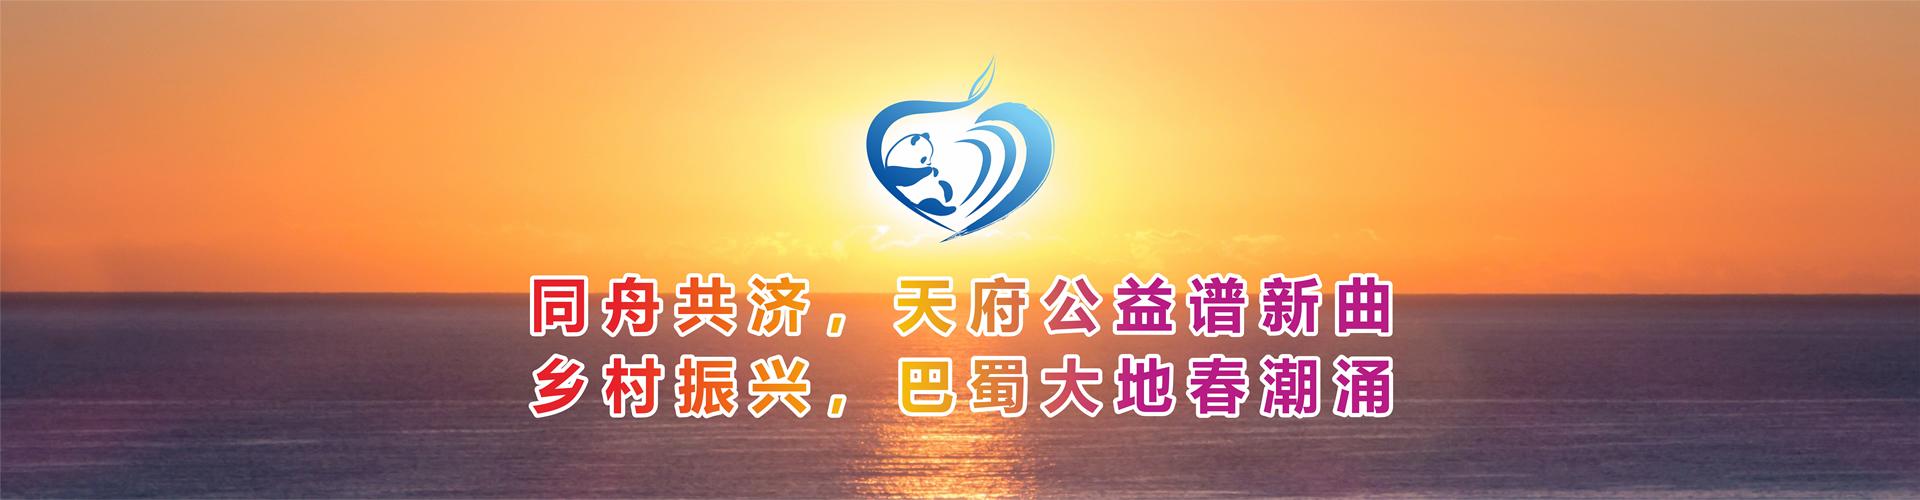 同舟共济,续写公益新华章